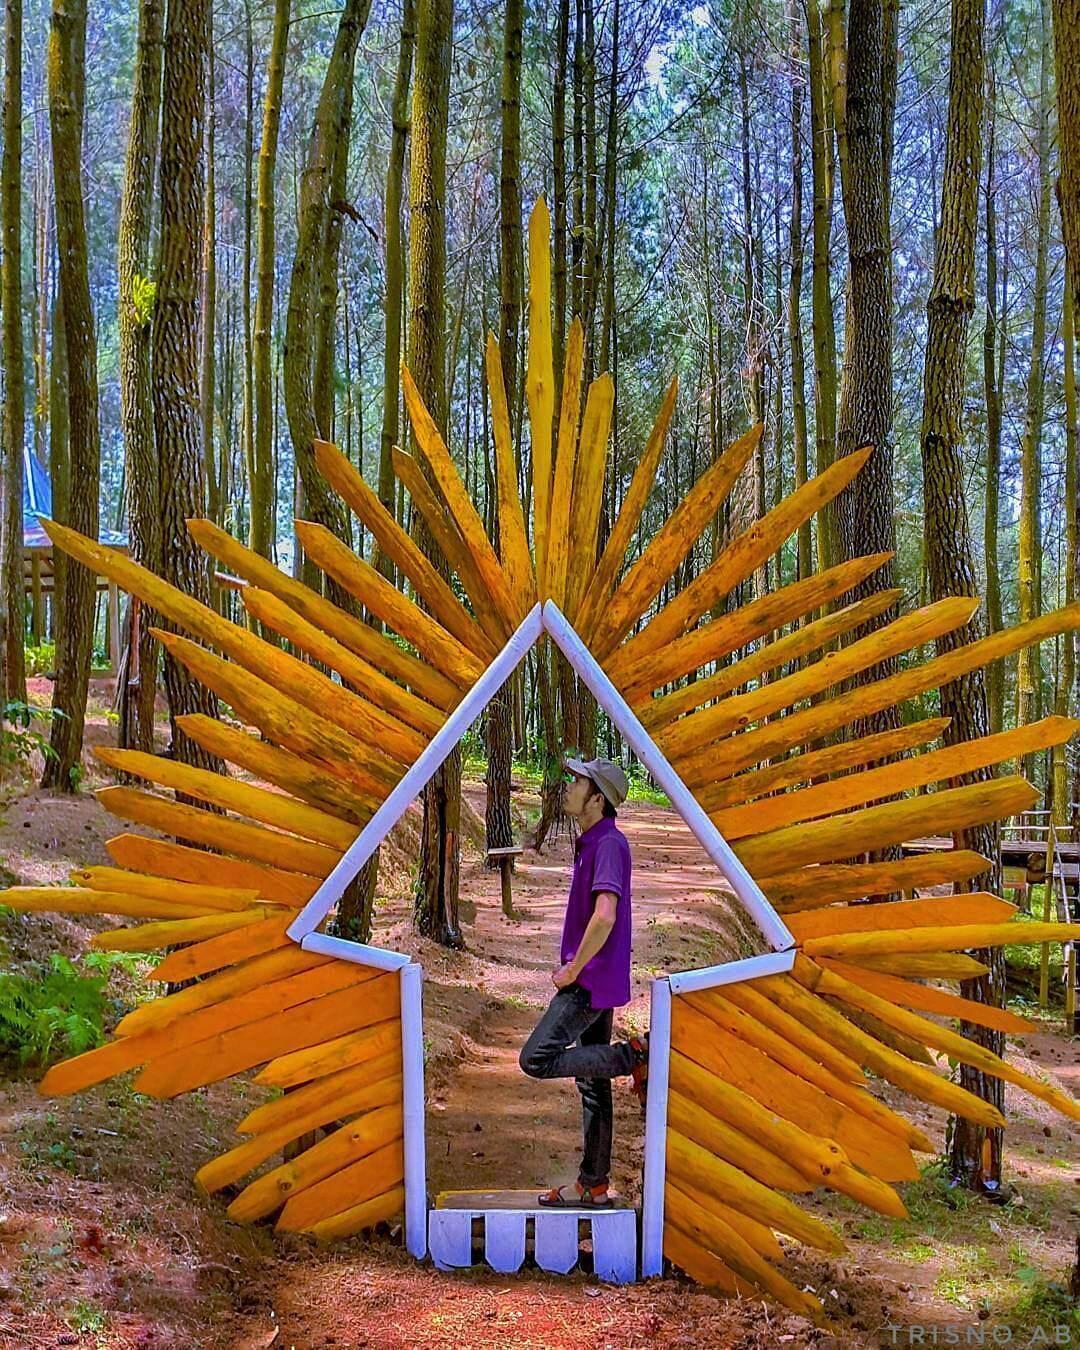 Bukit Asri Kertojoyo Wisata Selfie Kekinian Adem Magelang Gardu Pandang